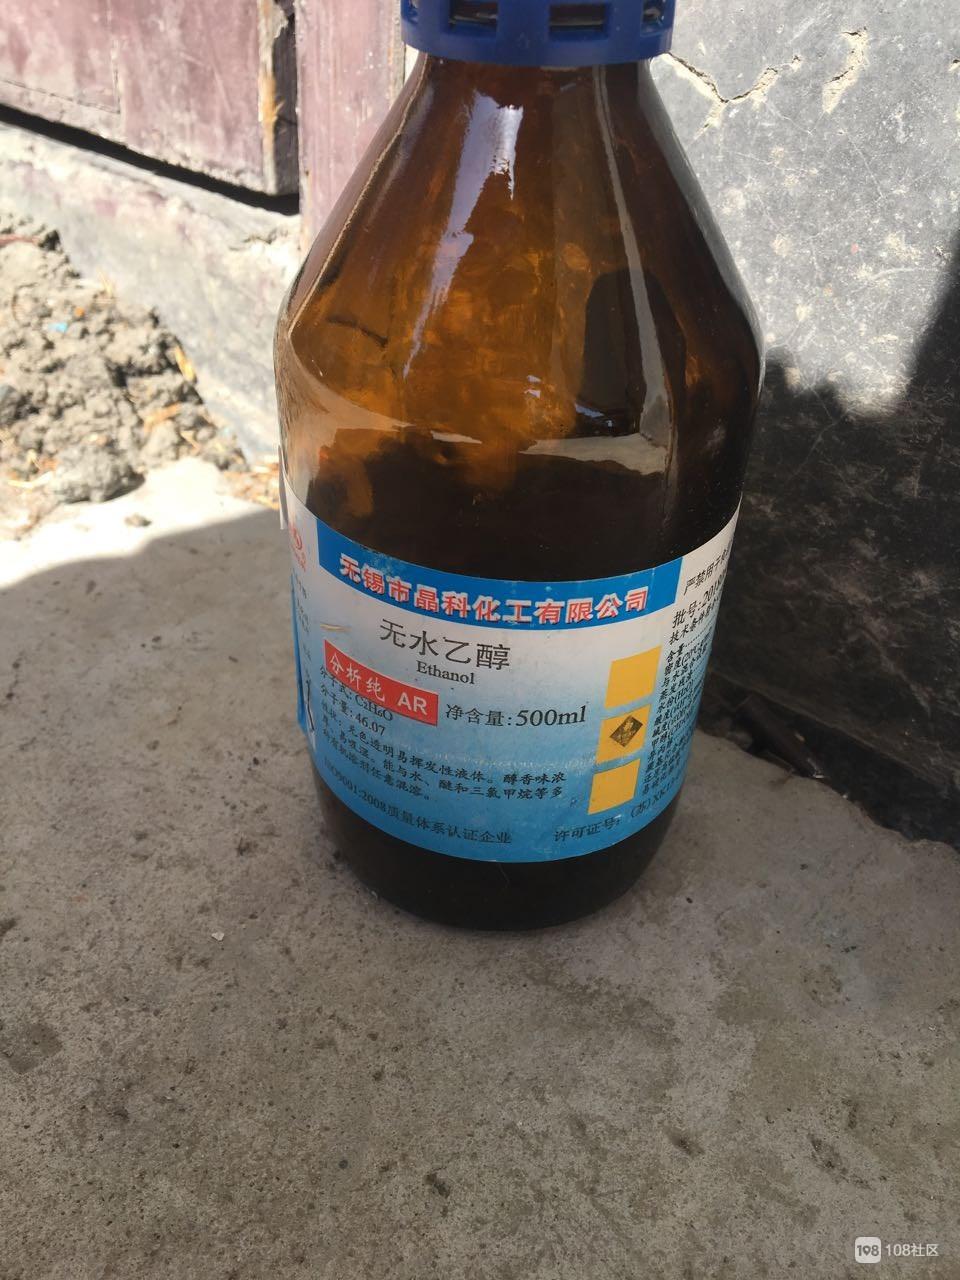 这个是农药吗?放在门口两天了,万一有孩子当饮料喝了...